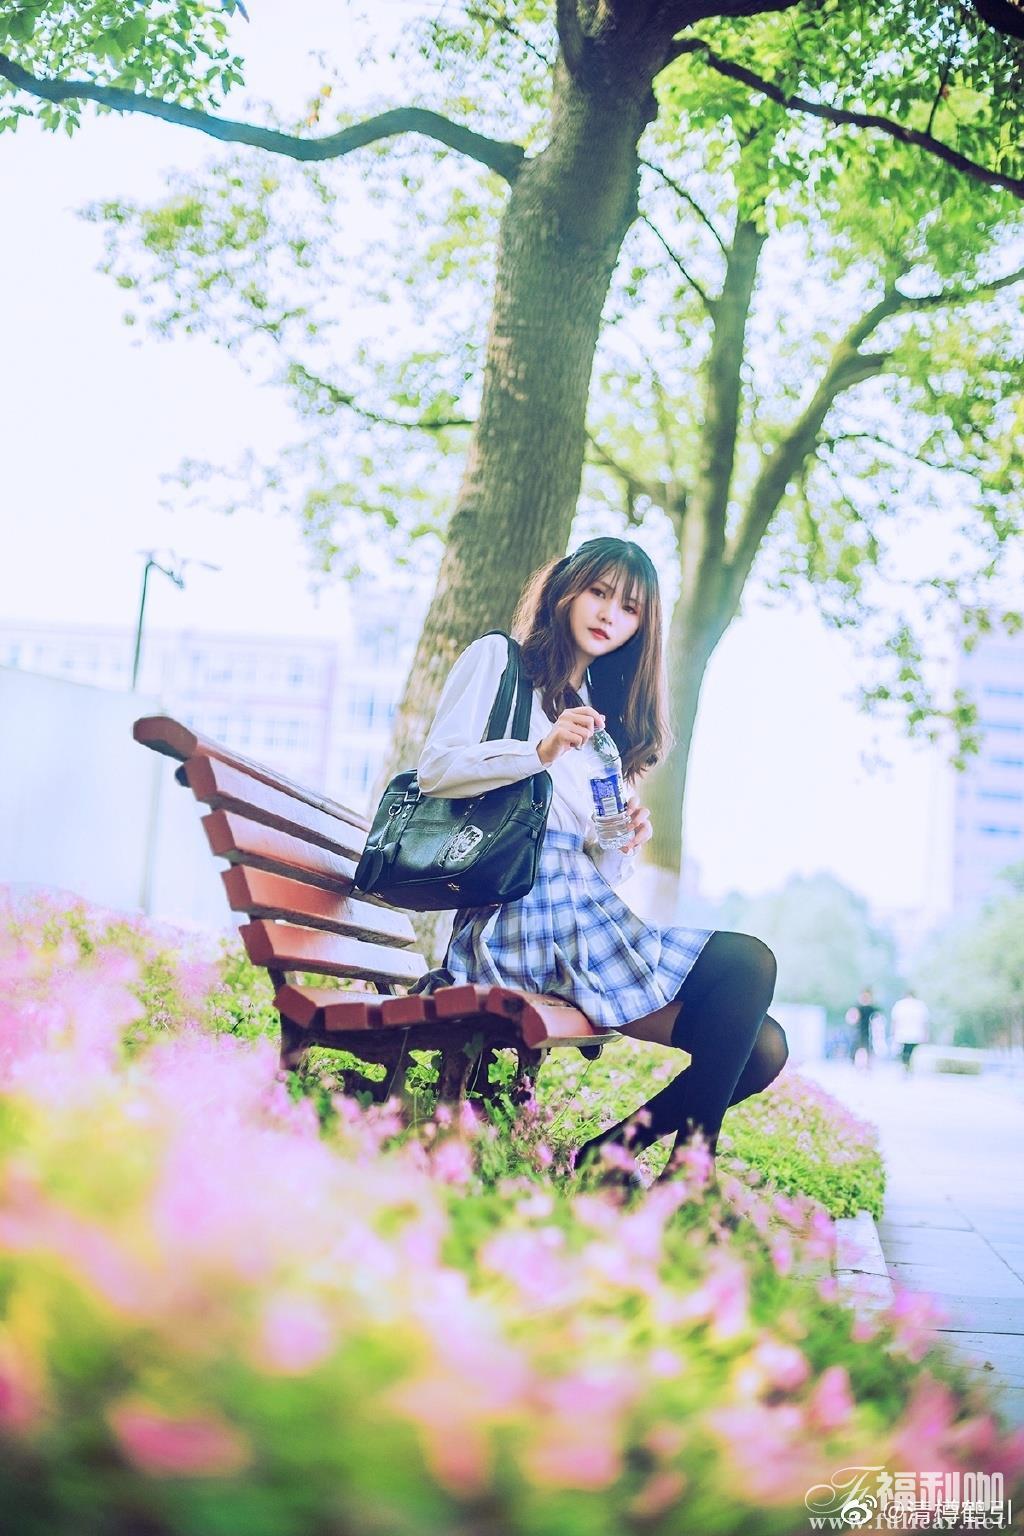 【妹子图】今日妹子–@清樽鹤引